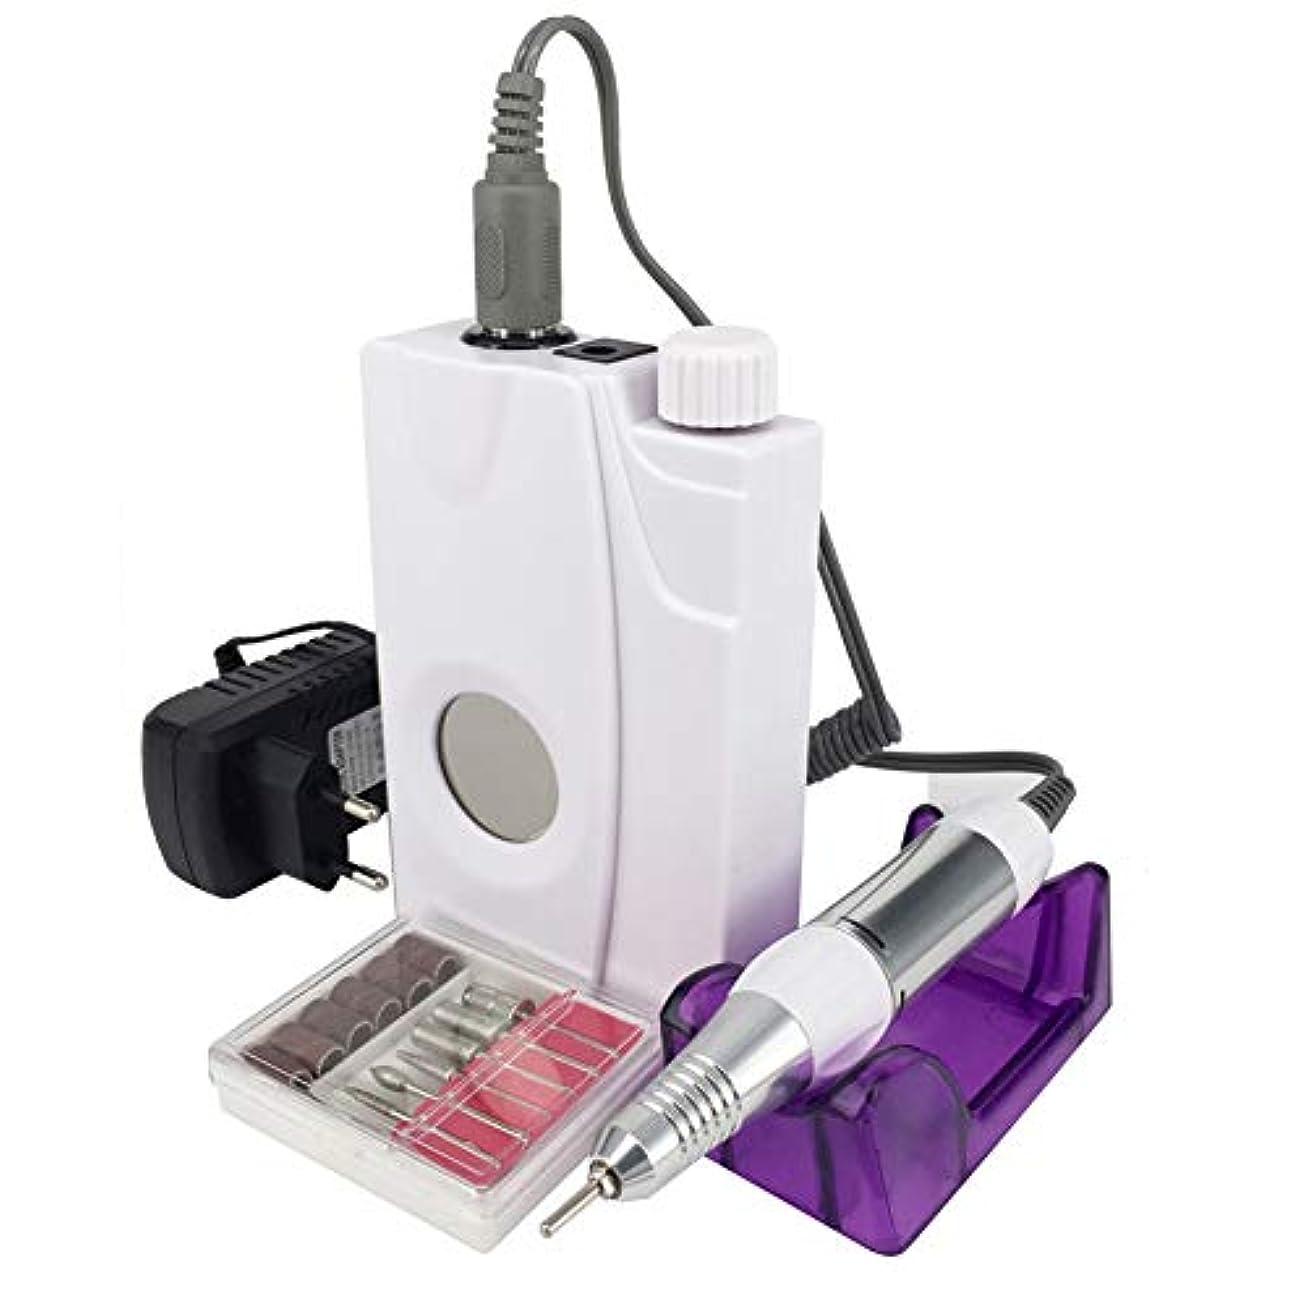 ぐったりお金アドバイス電気釘のドリル機械再充電可能なコードレスマニキュア30000 RPMの釘装置のための携帯用ペディキュアセット